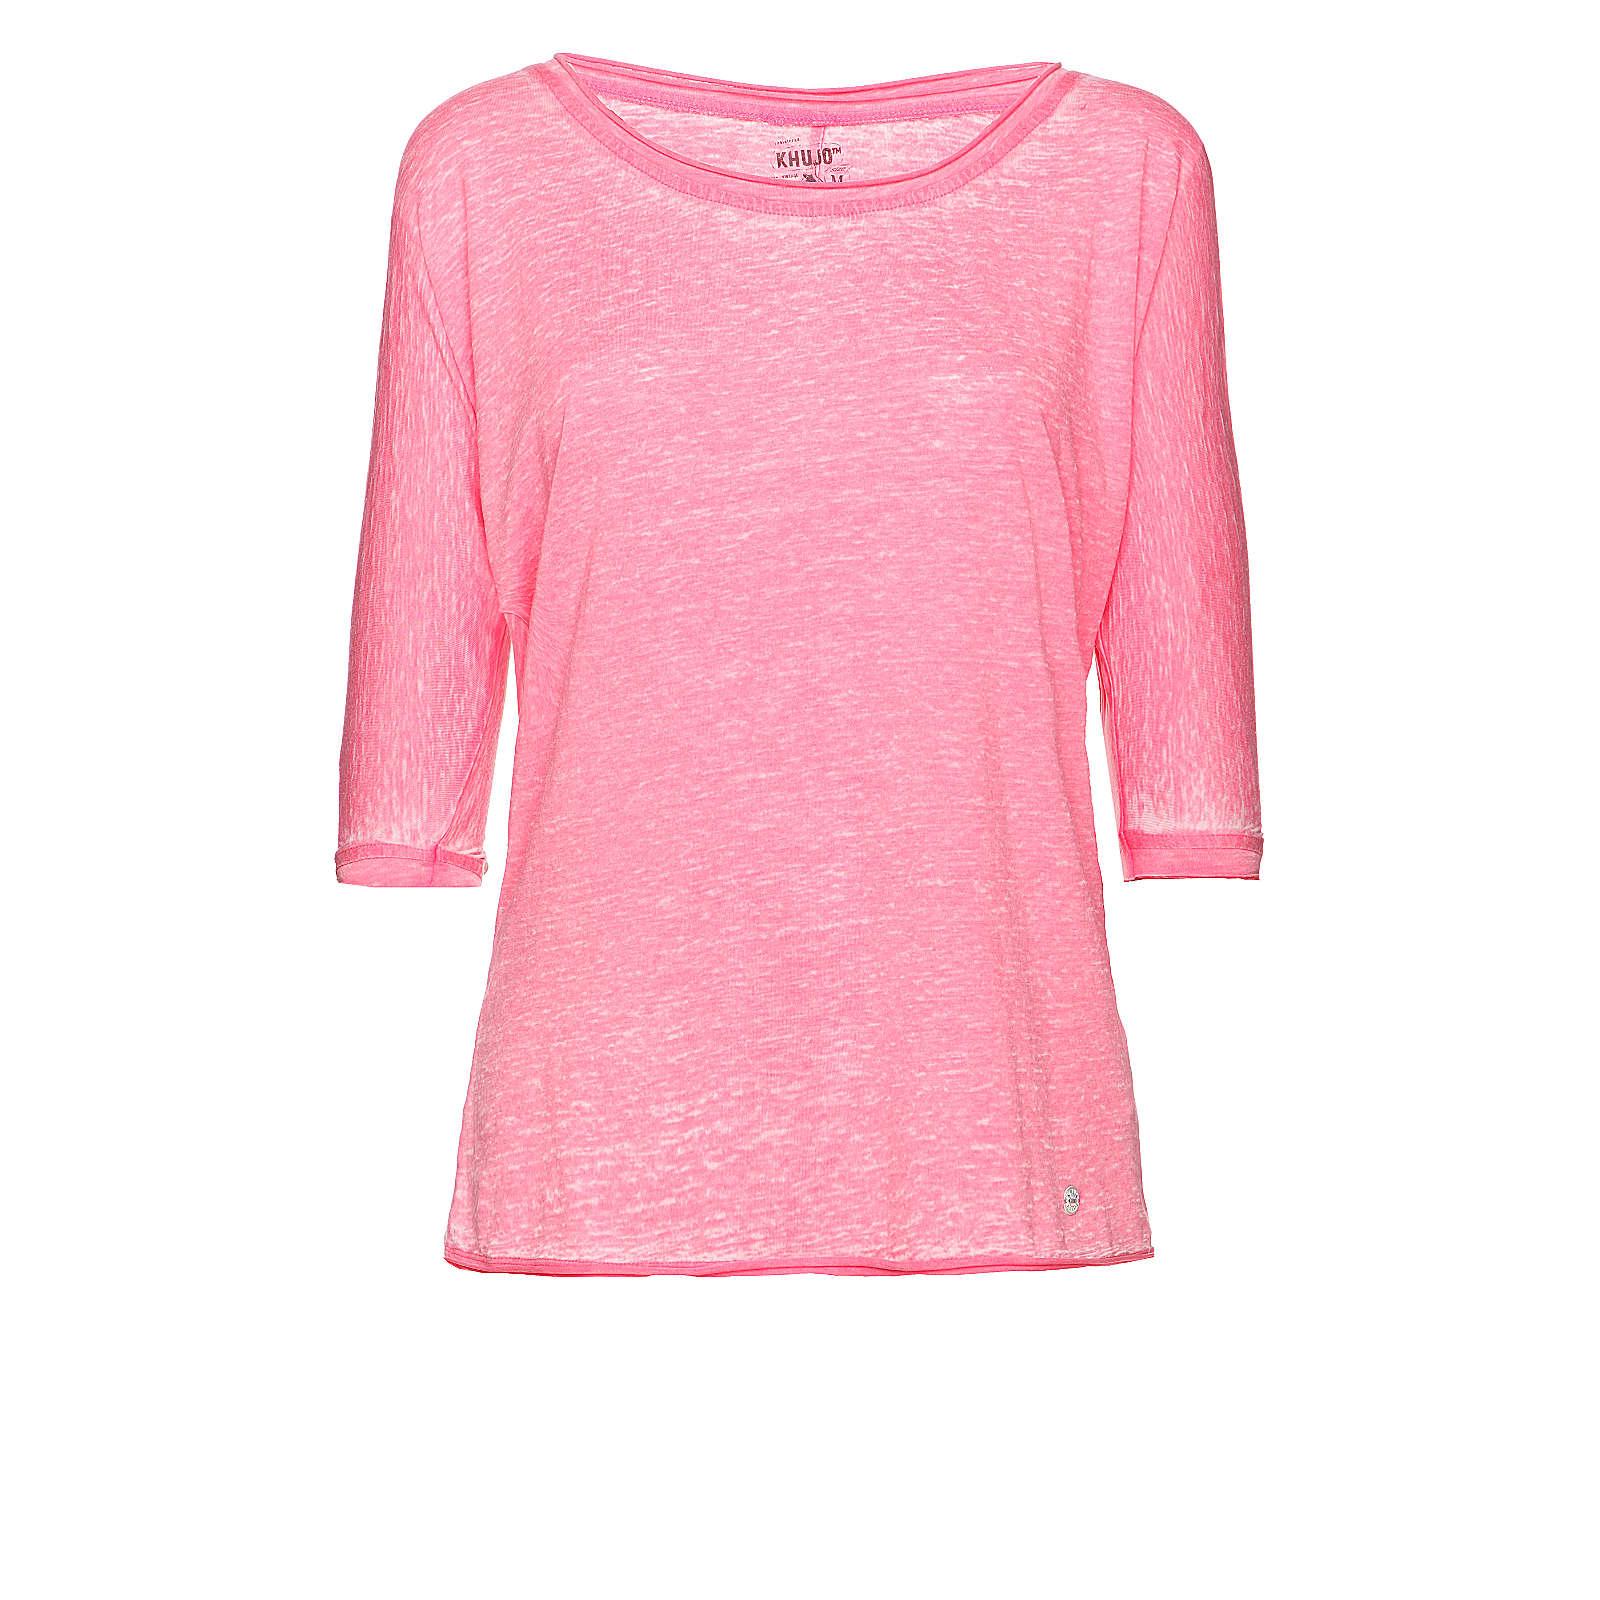 Khujo T-Shirt rot Damen Gr. 34